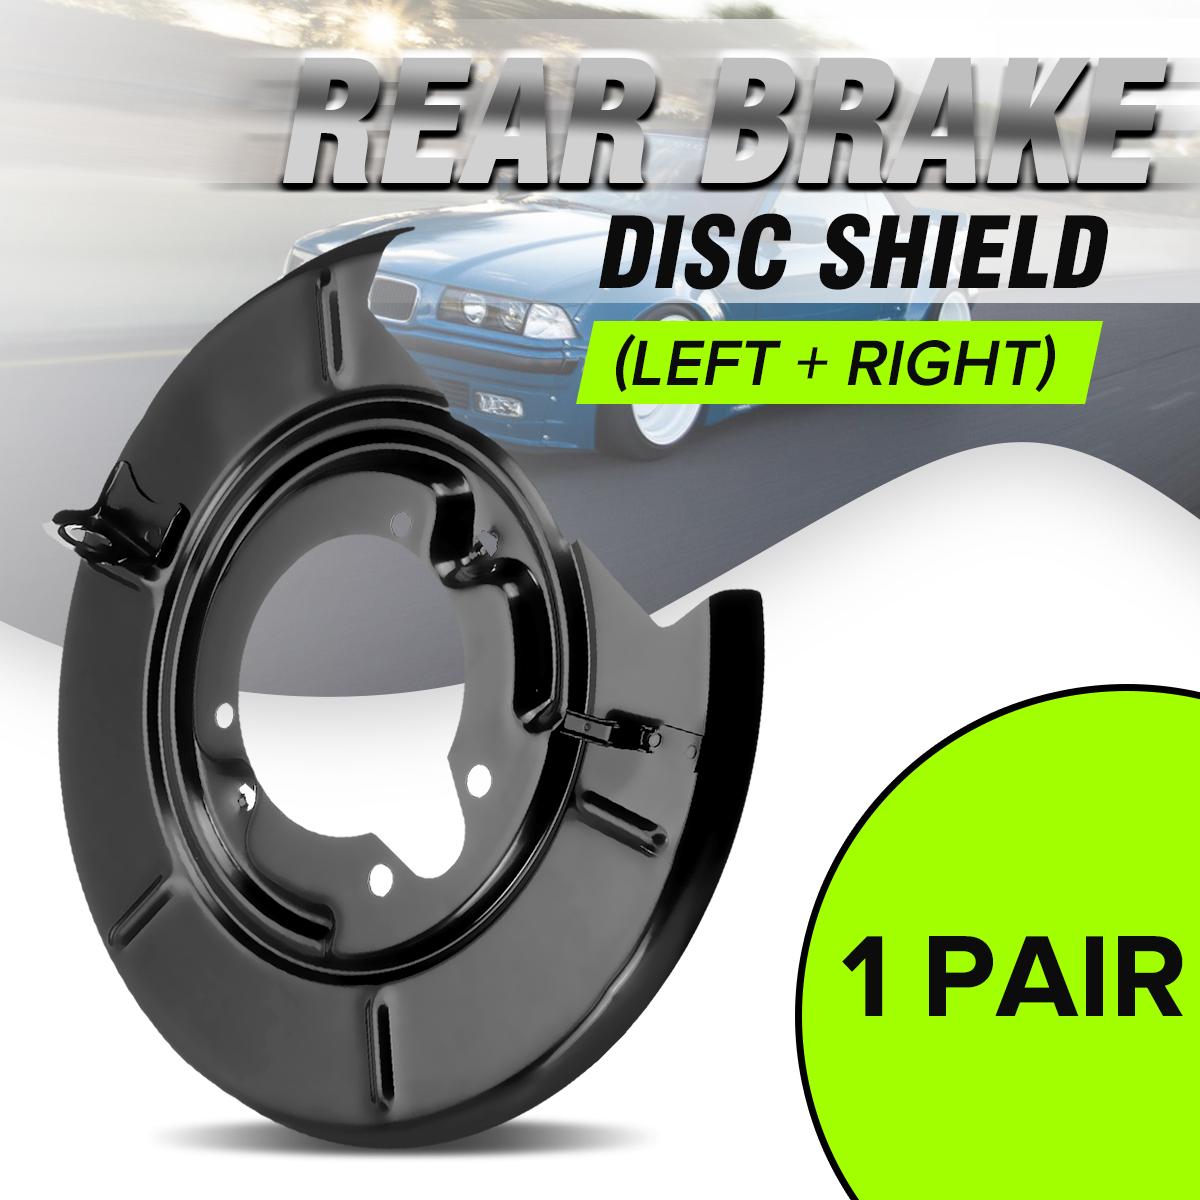 Nouveau une paire coque de protection de disque de frein arrière pour BMW E30 E36 modèles compacts Z3 pour coupé & Roadster modèles étrier de frein esclave